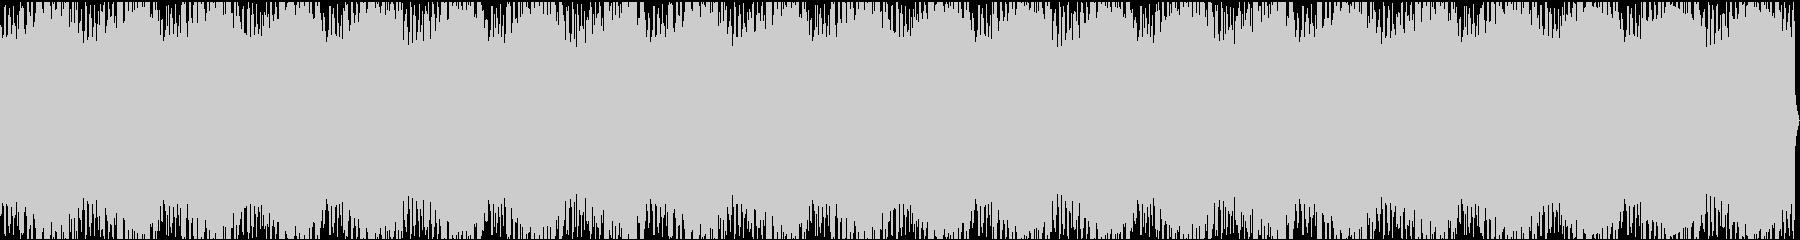 企業VP23 穏やか 26分バージョンの未再生の波形